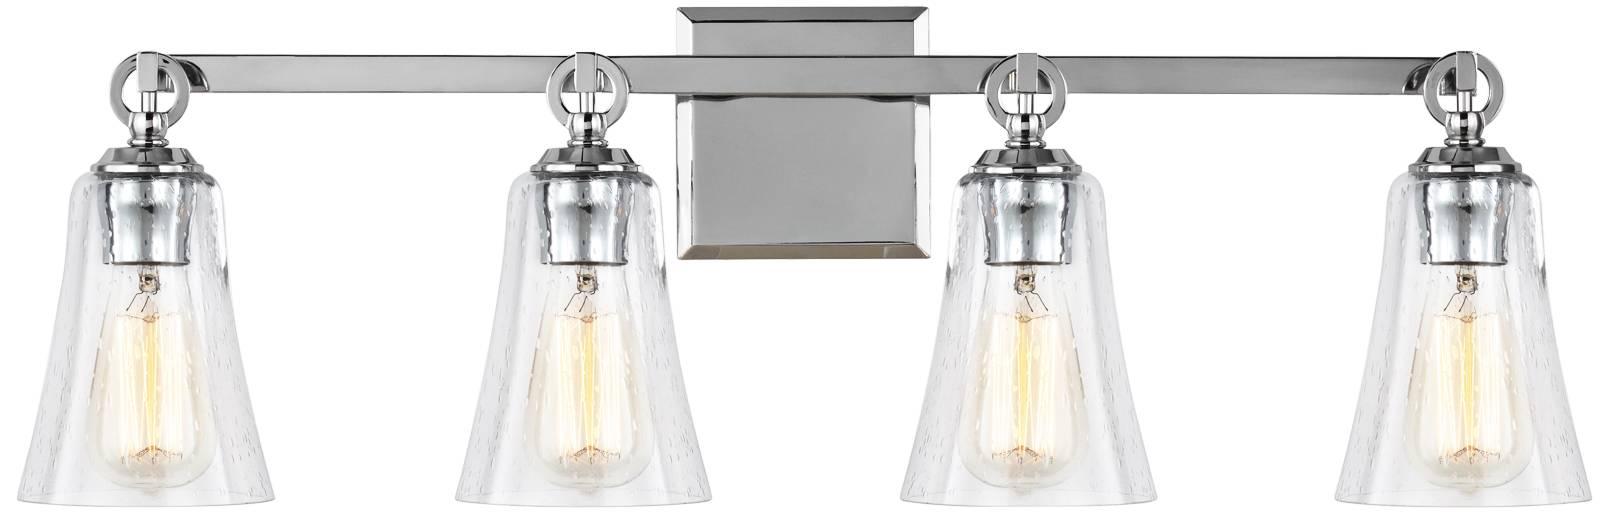 Feiss monterro 30 1 4 wide 4 light chrome bath light